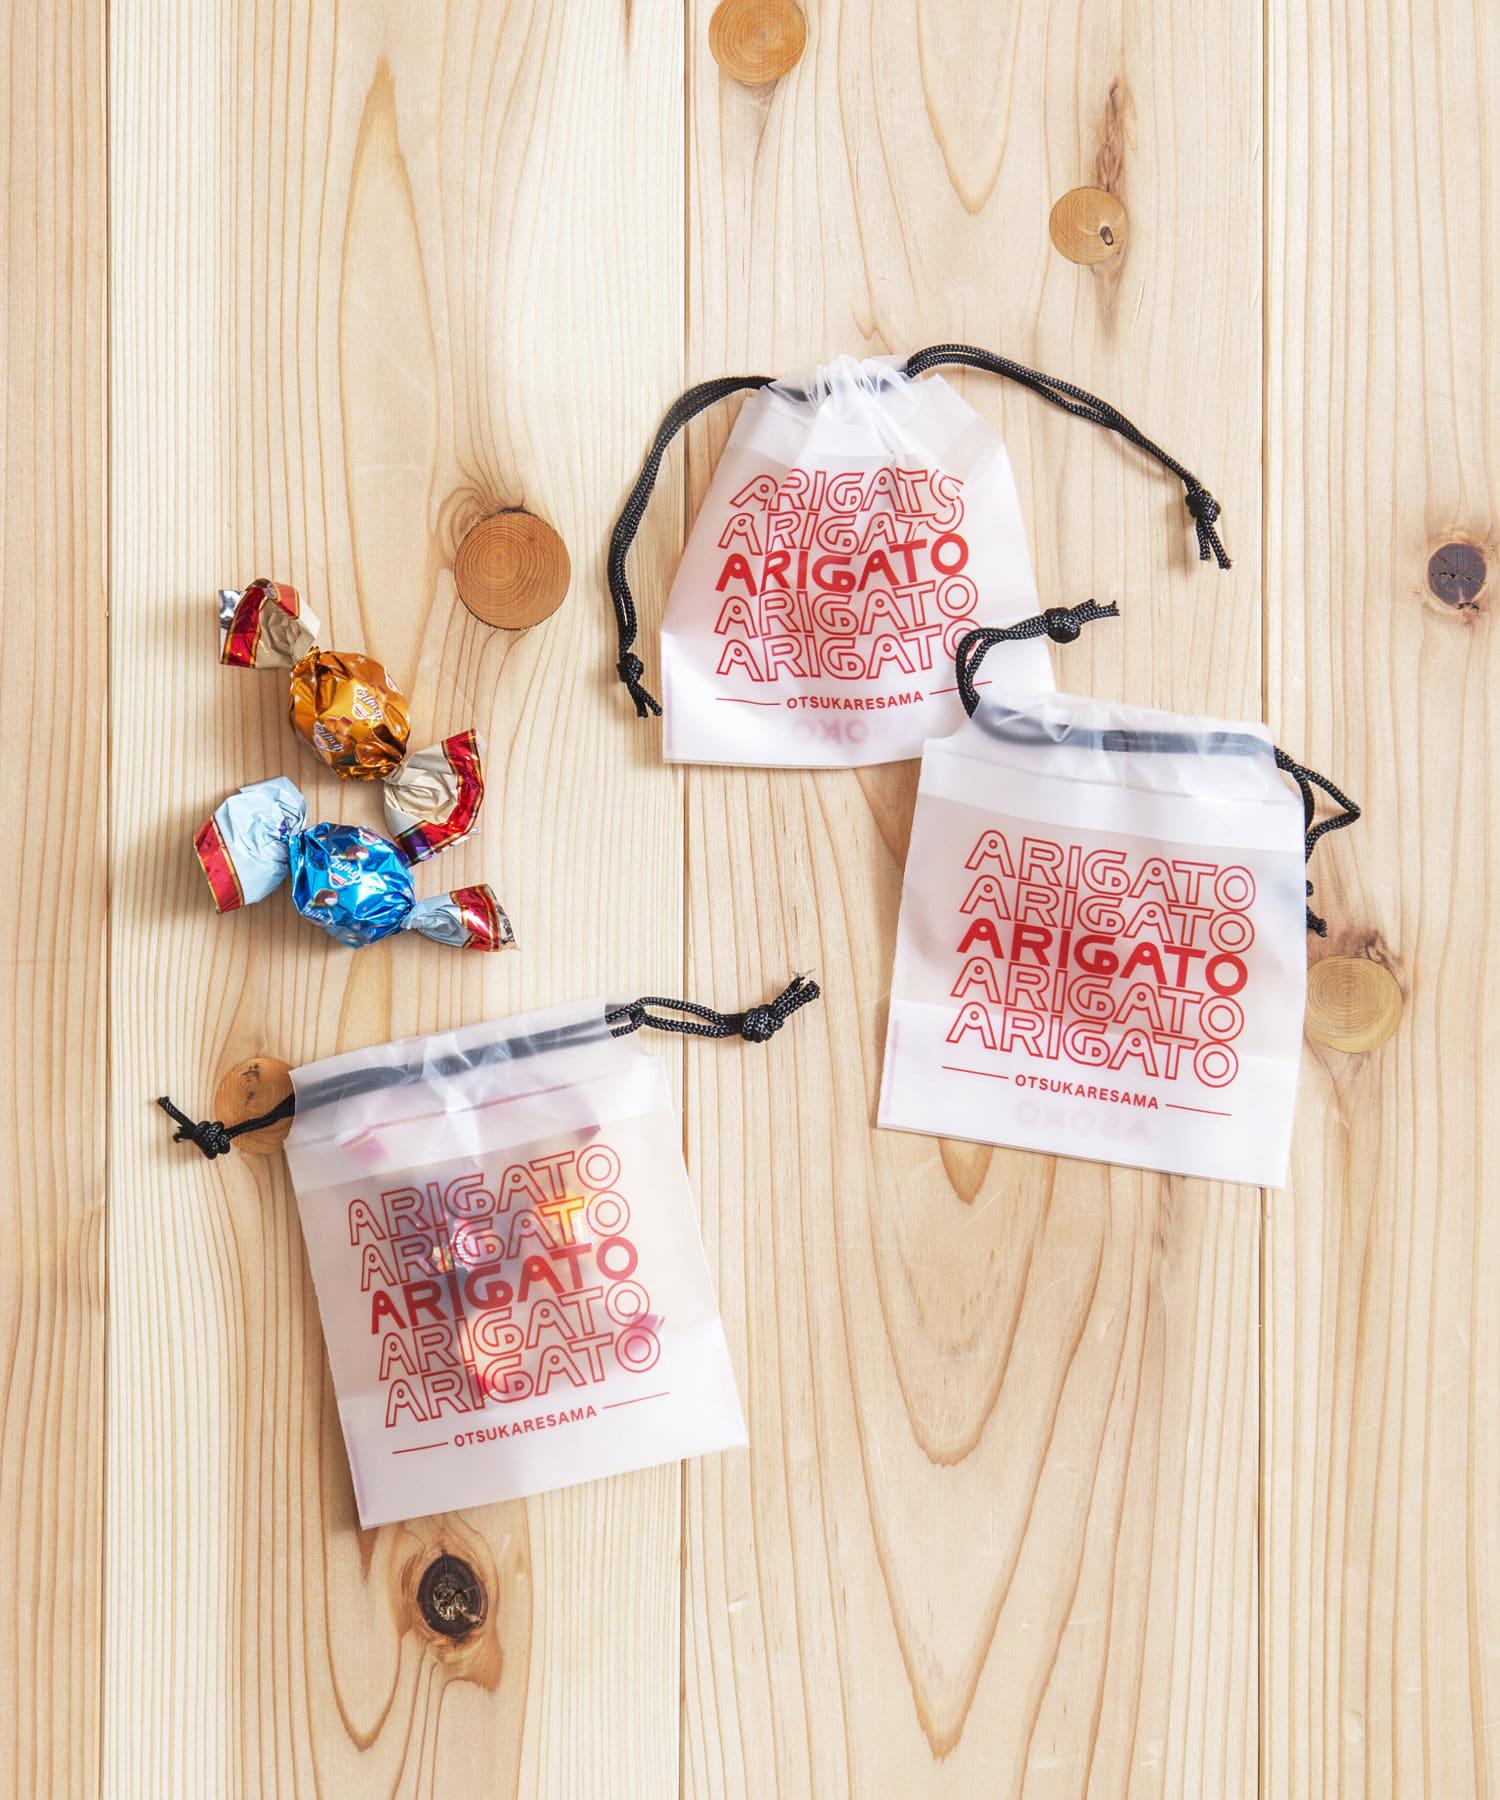 ASOKO(アソコ) ライフスタイル 【OMIYAGE】ビニール巾着10枚セットSサイズ その他